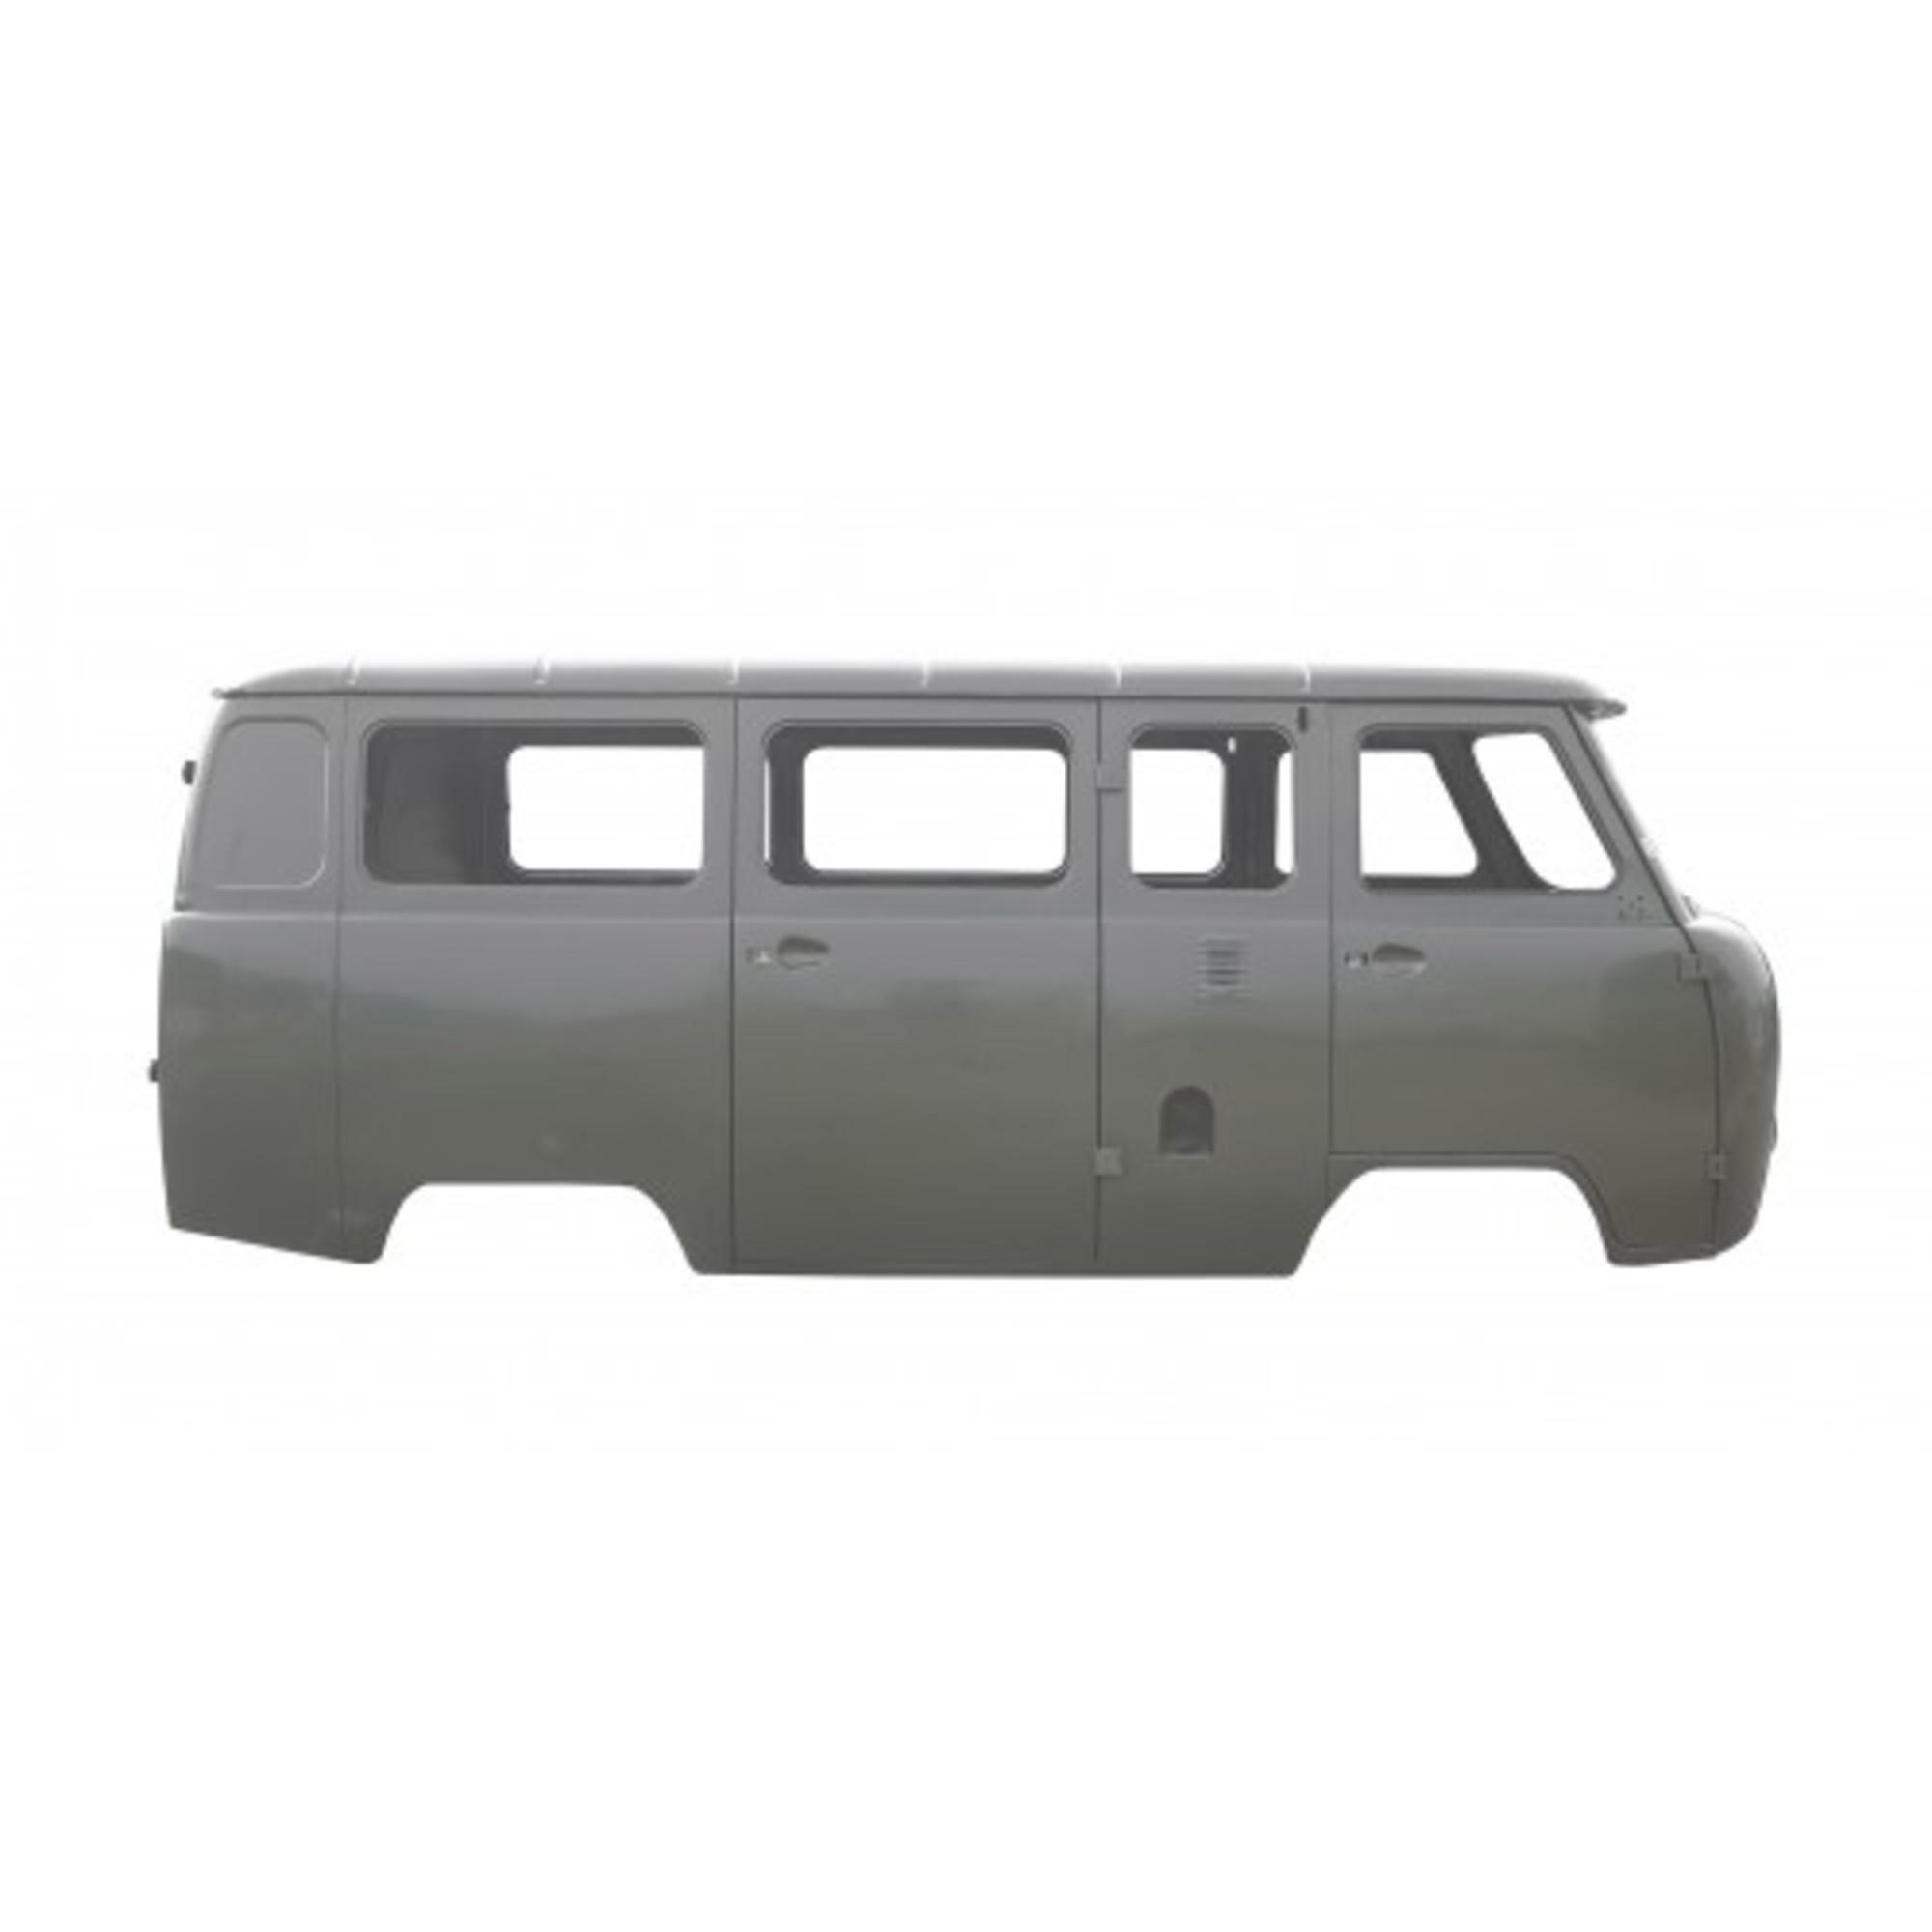 Каркас кузова УАЗ-2206 (микроавтобус) карбюратор/инжектор (защитный) 2206-5000014-50